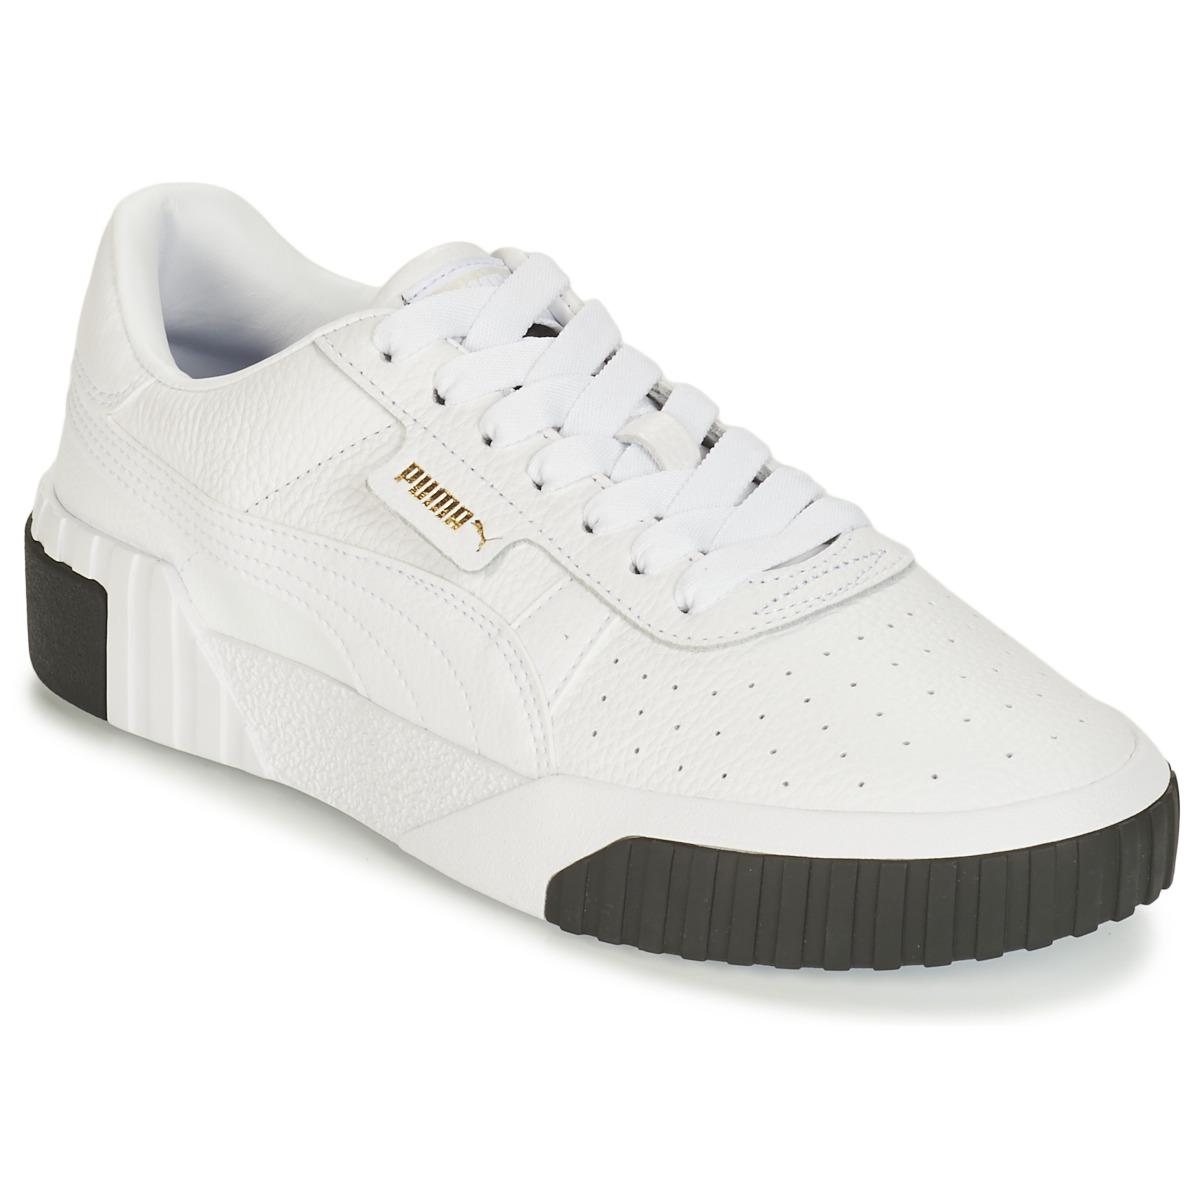 Puma – Cali – Sneaker in Weiß und Schwarz